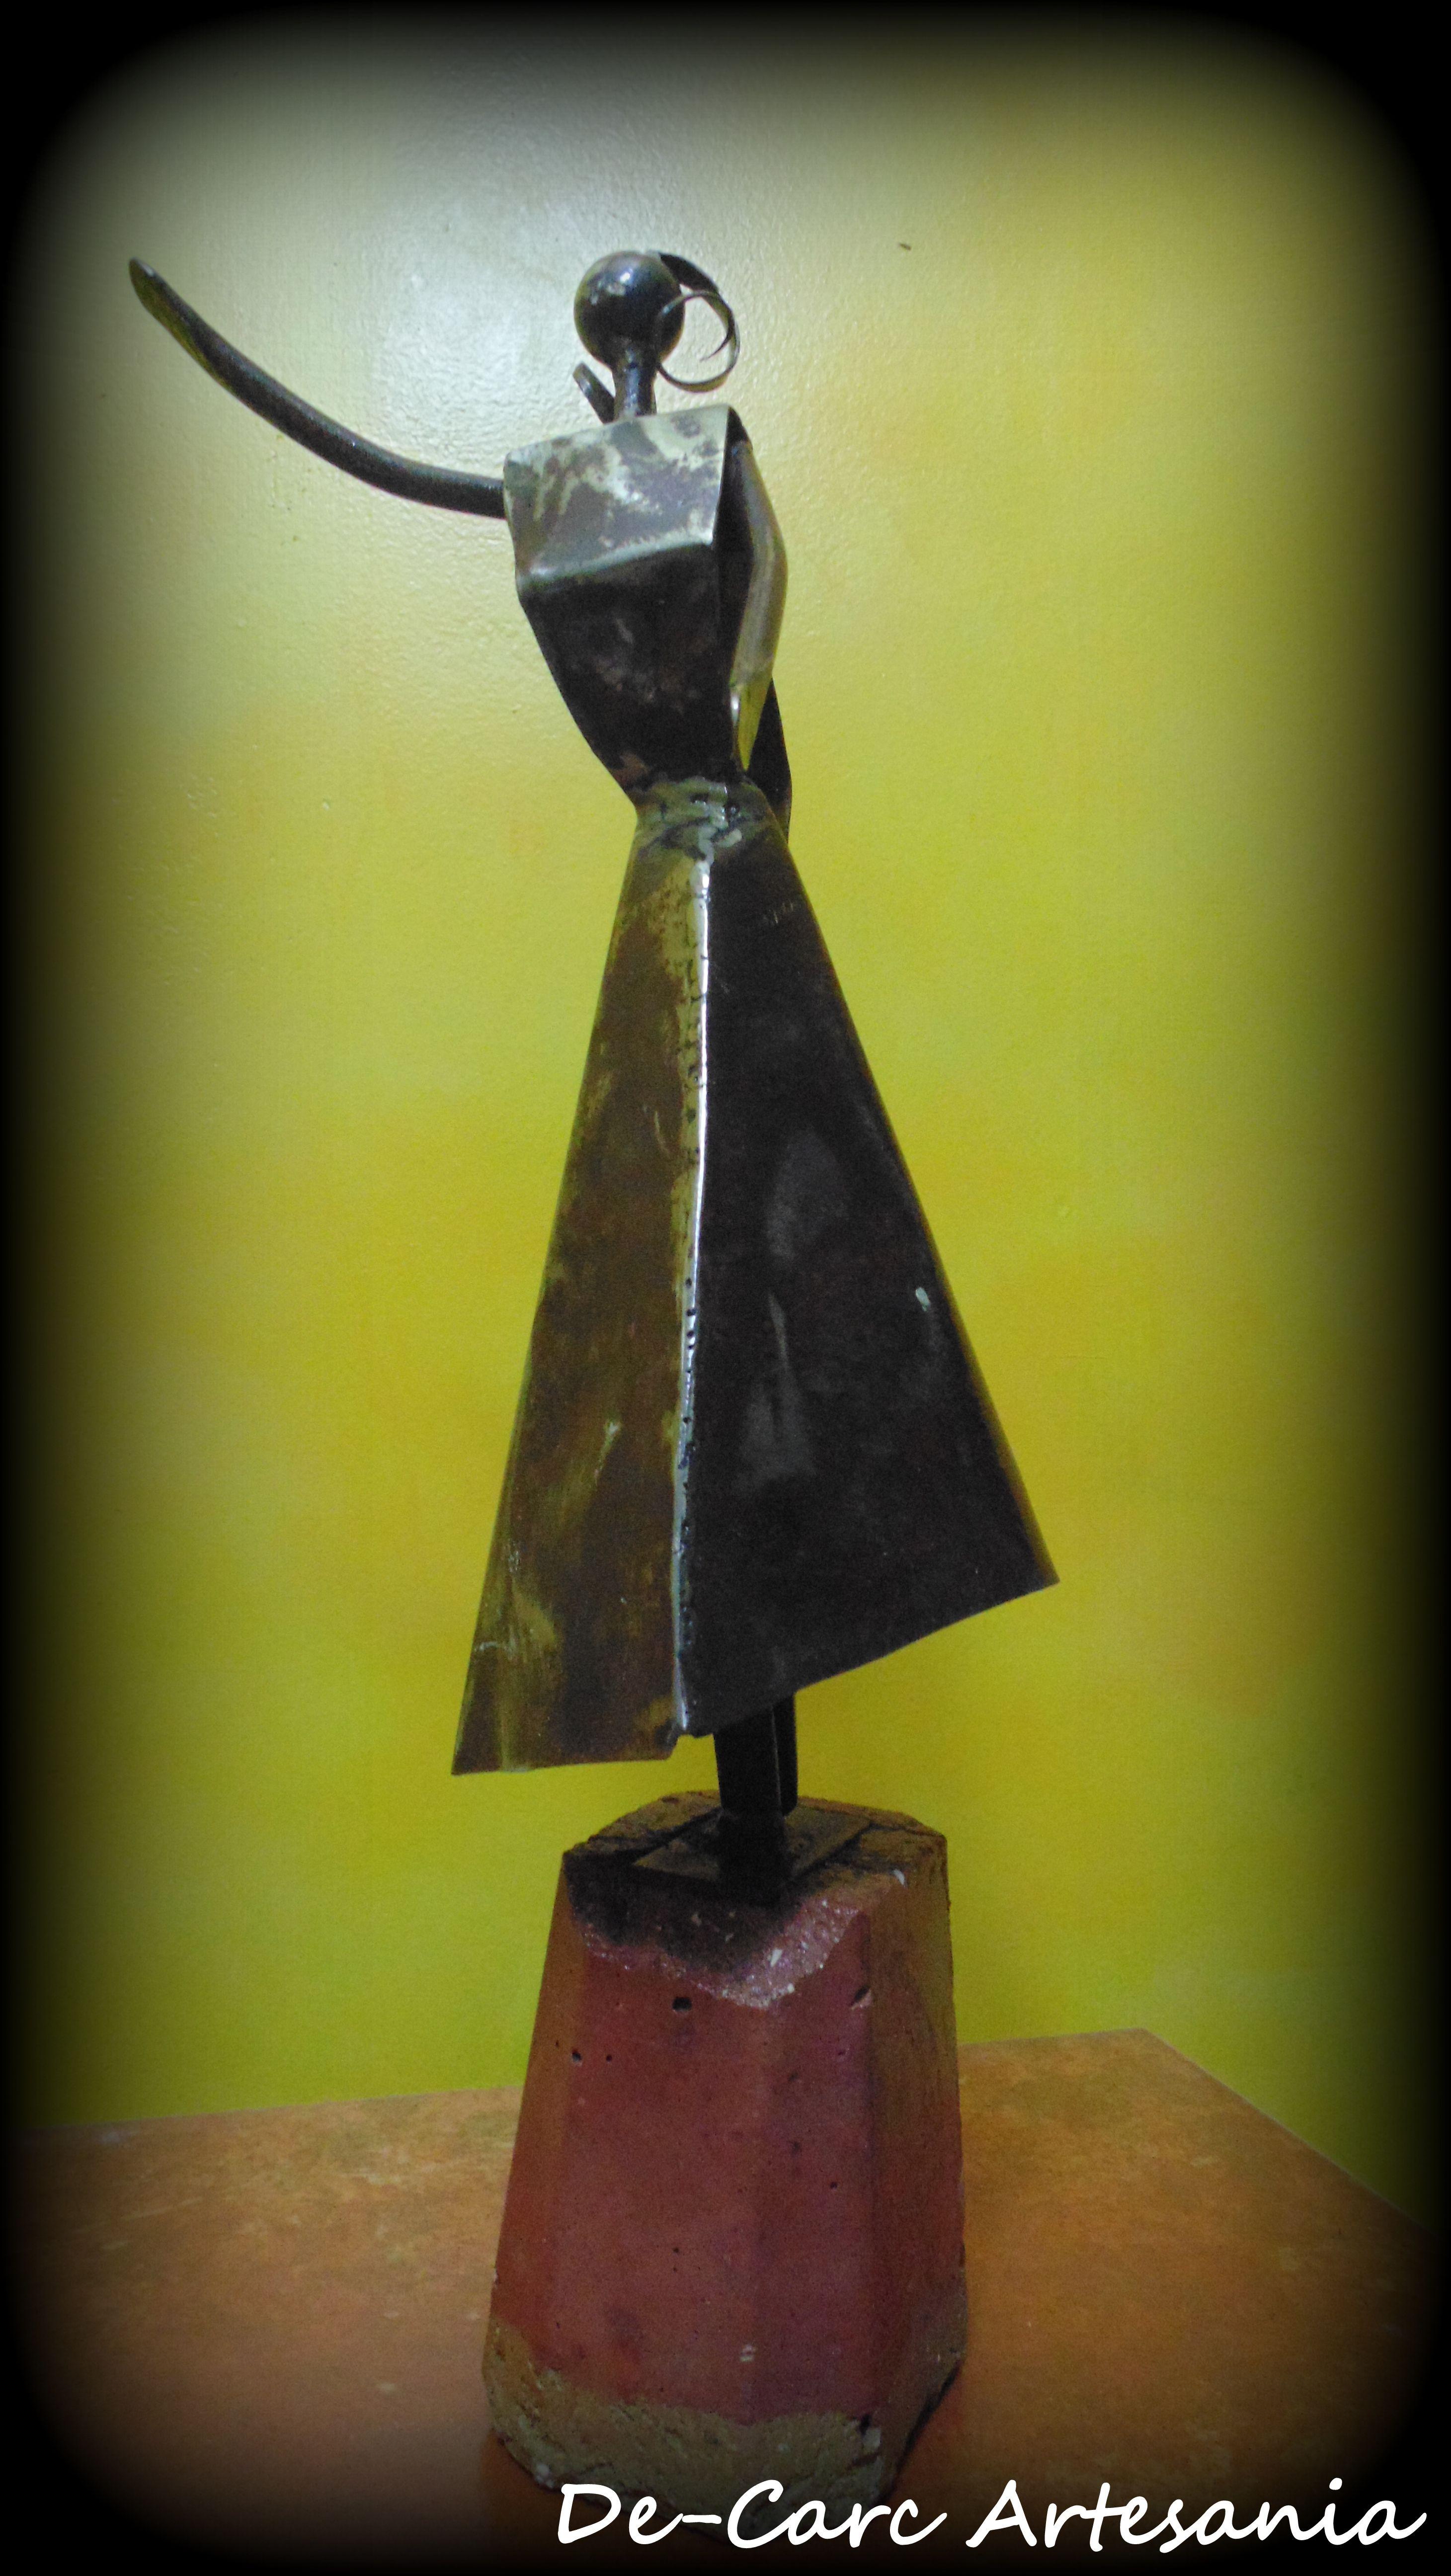 Titulo Justicia Escultura En Hierro 45cm Esculturas De Carc  # Muebles A Medida La Justicia